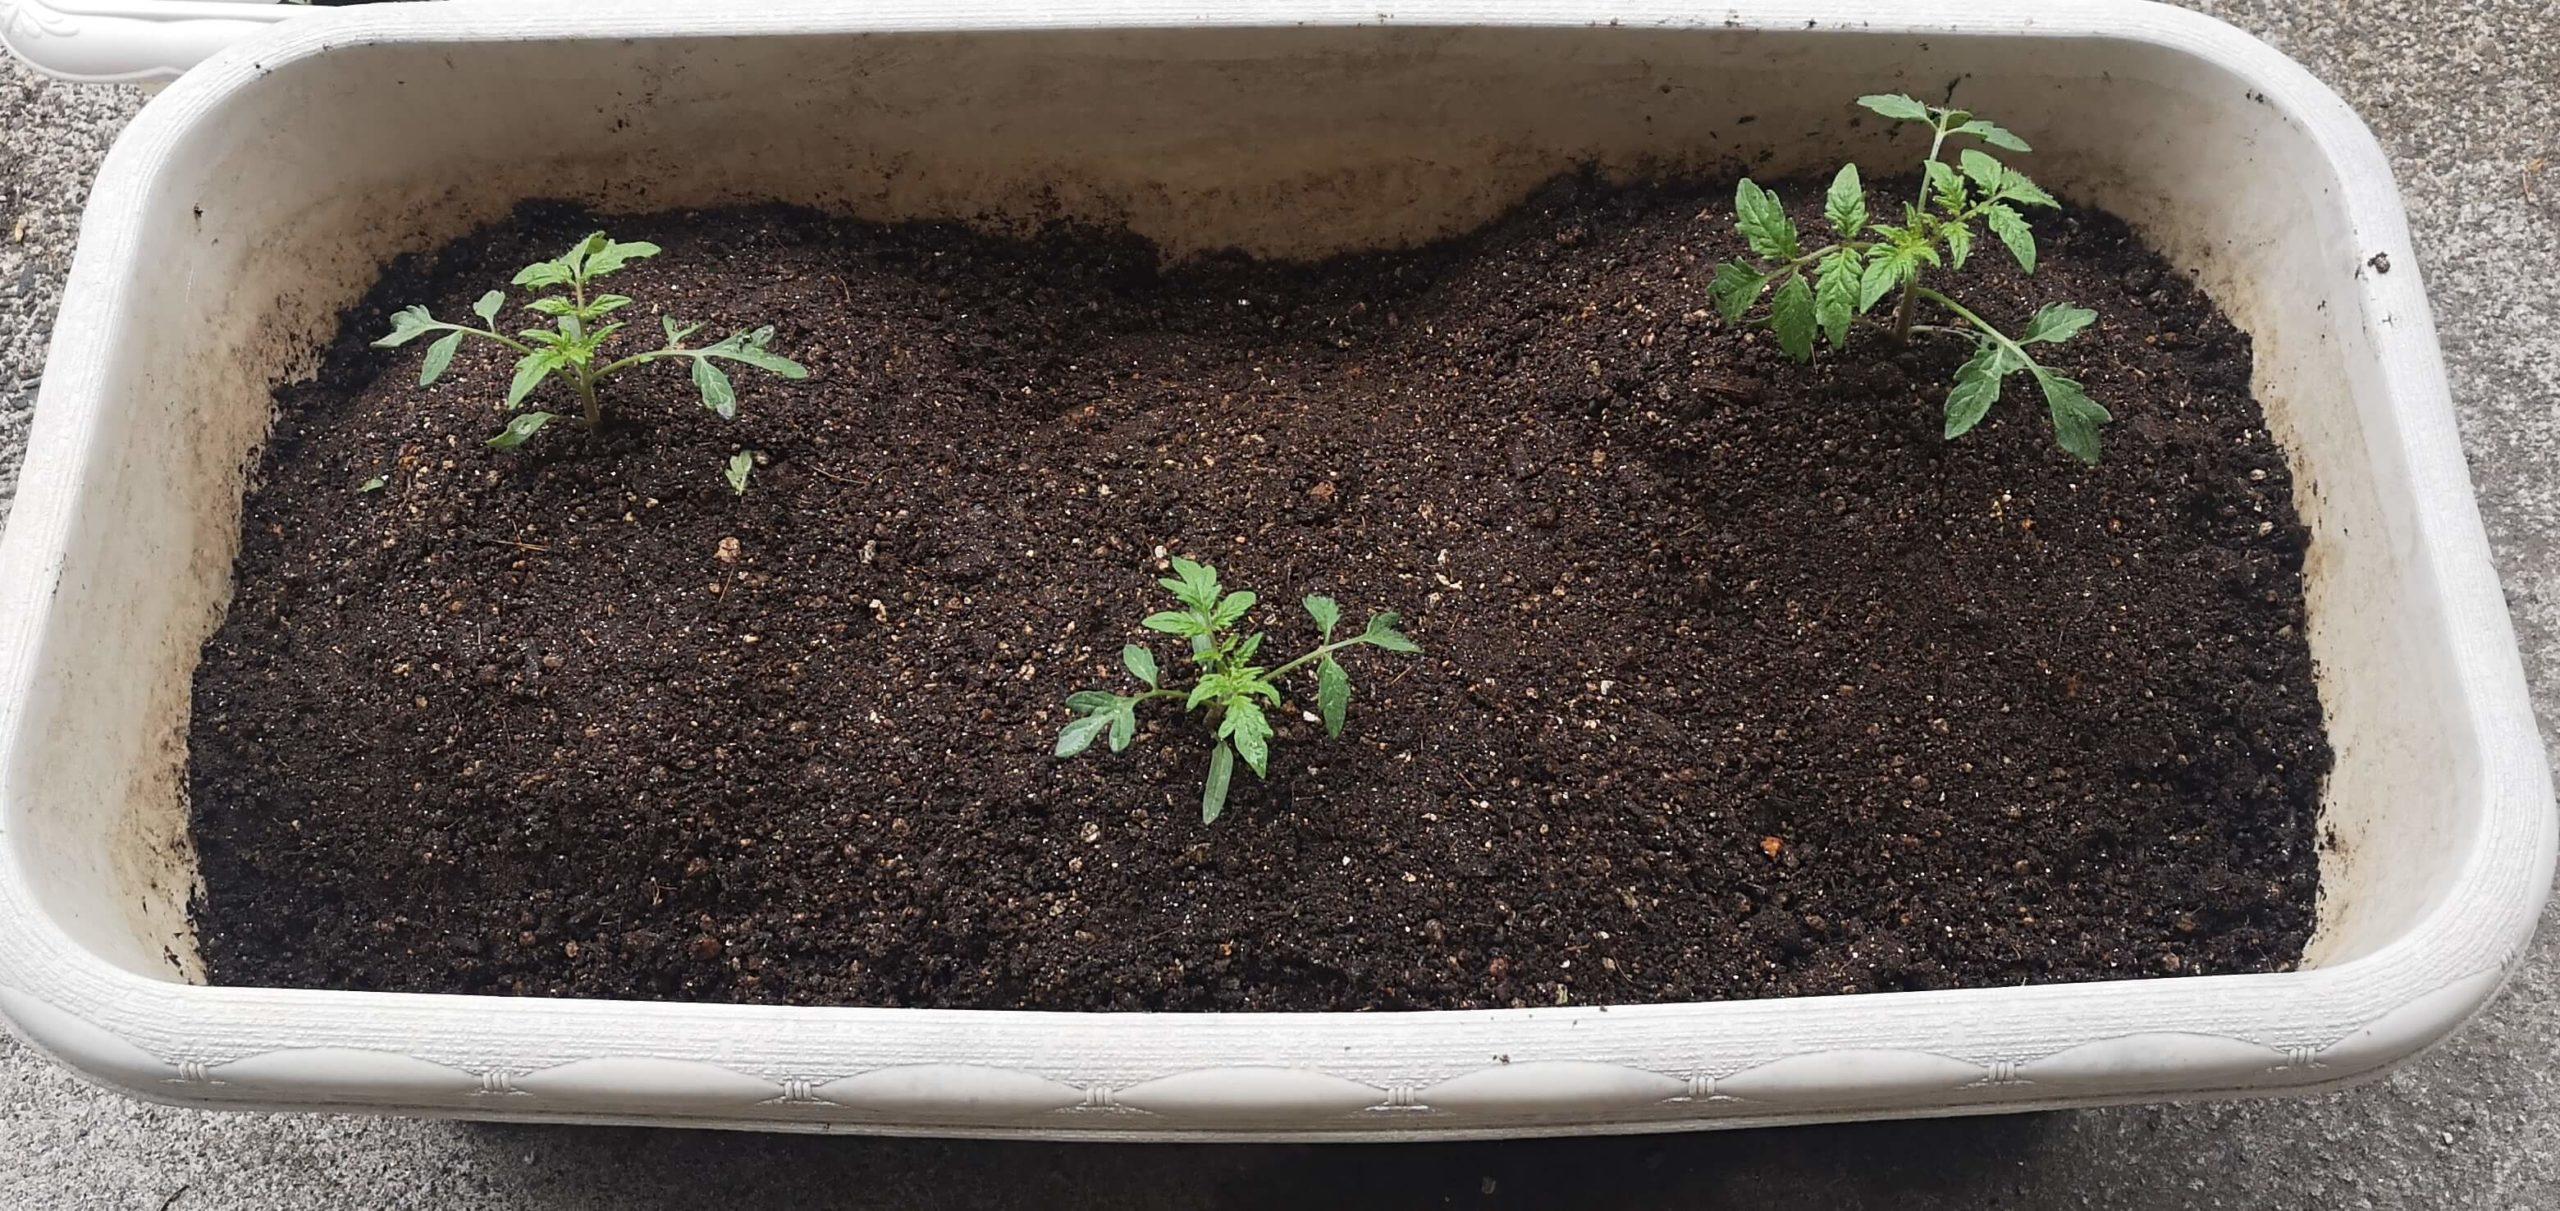 トマトの苗を土寄せしてジグザグに植えたプランター